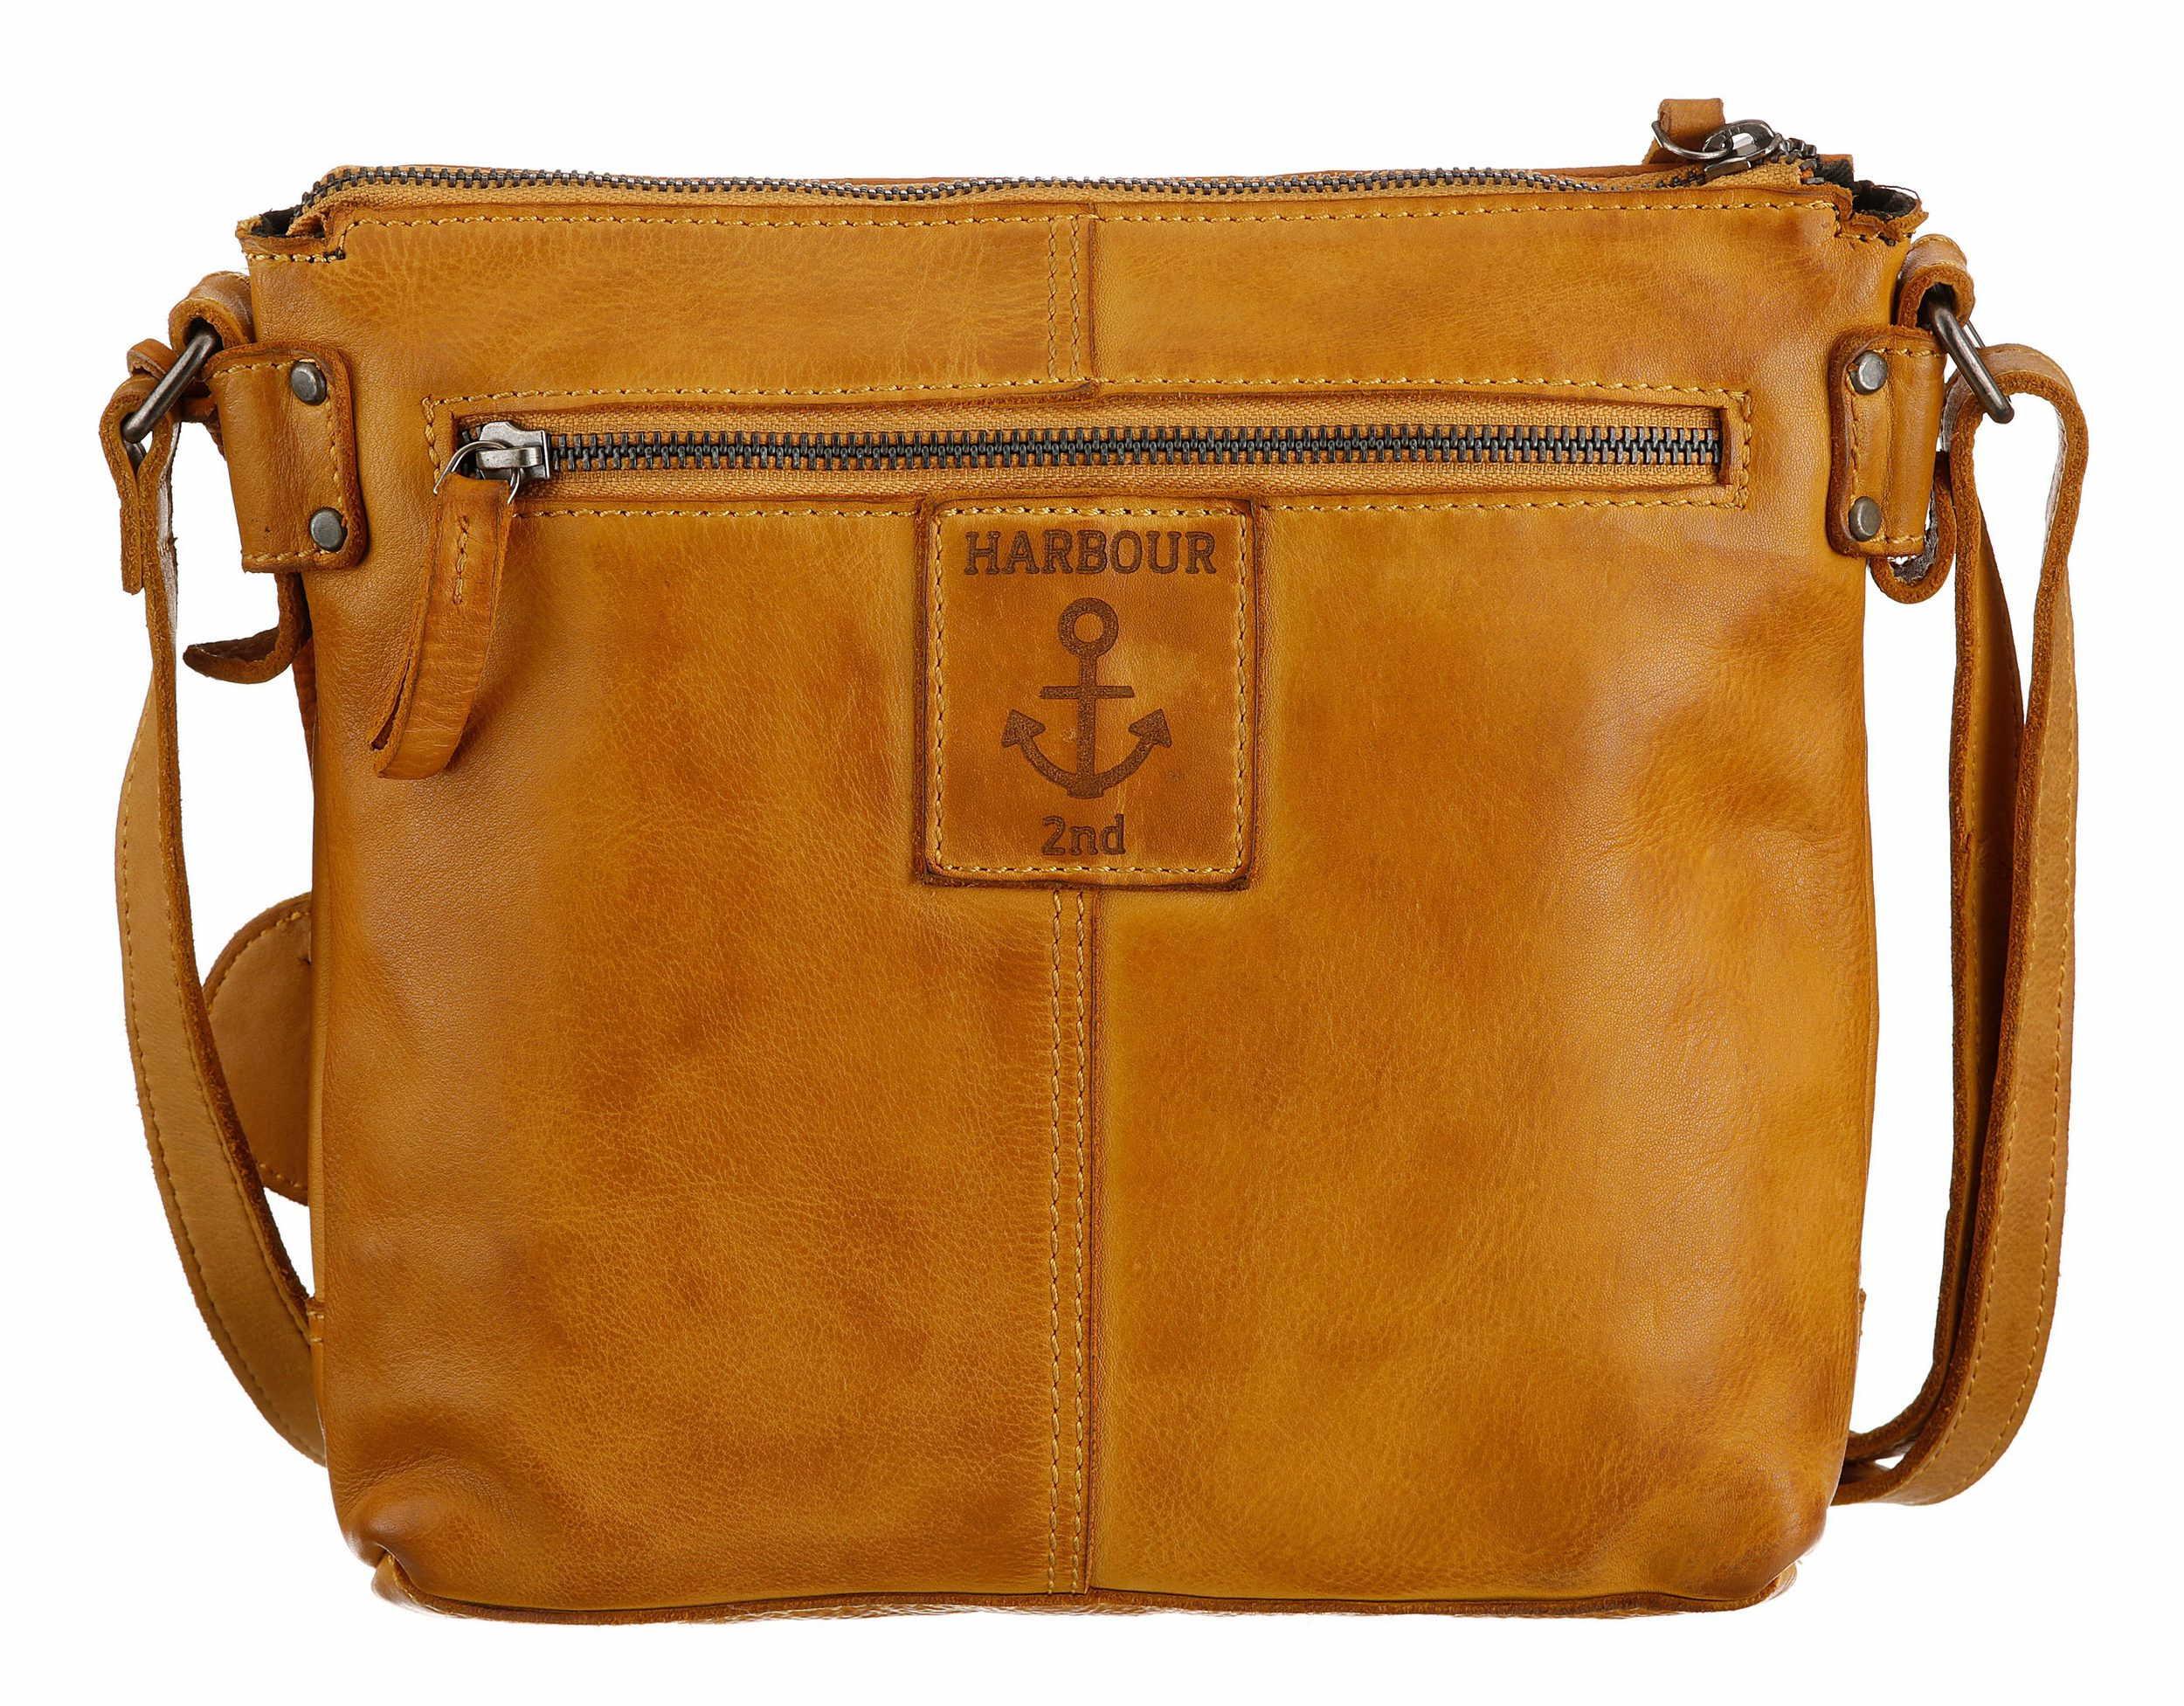 Hamled Handtaschen Taschen B37599 Gelb cpMhZ